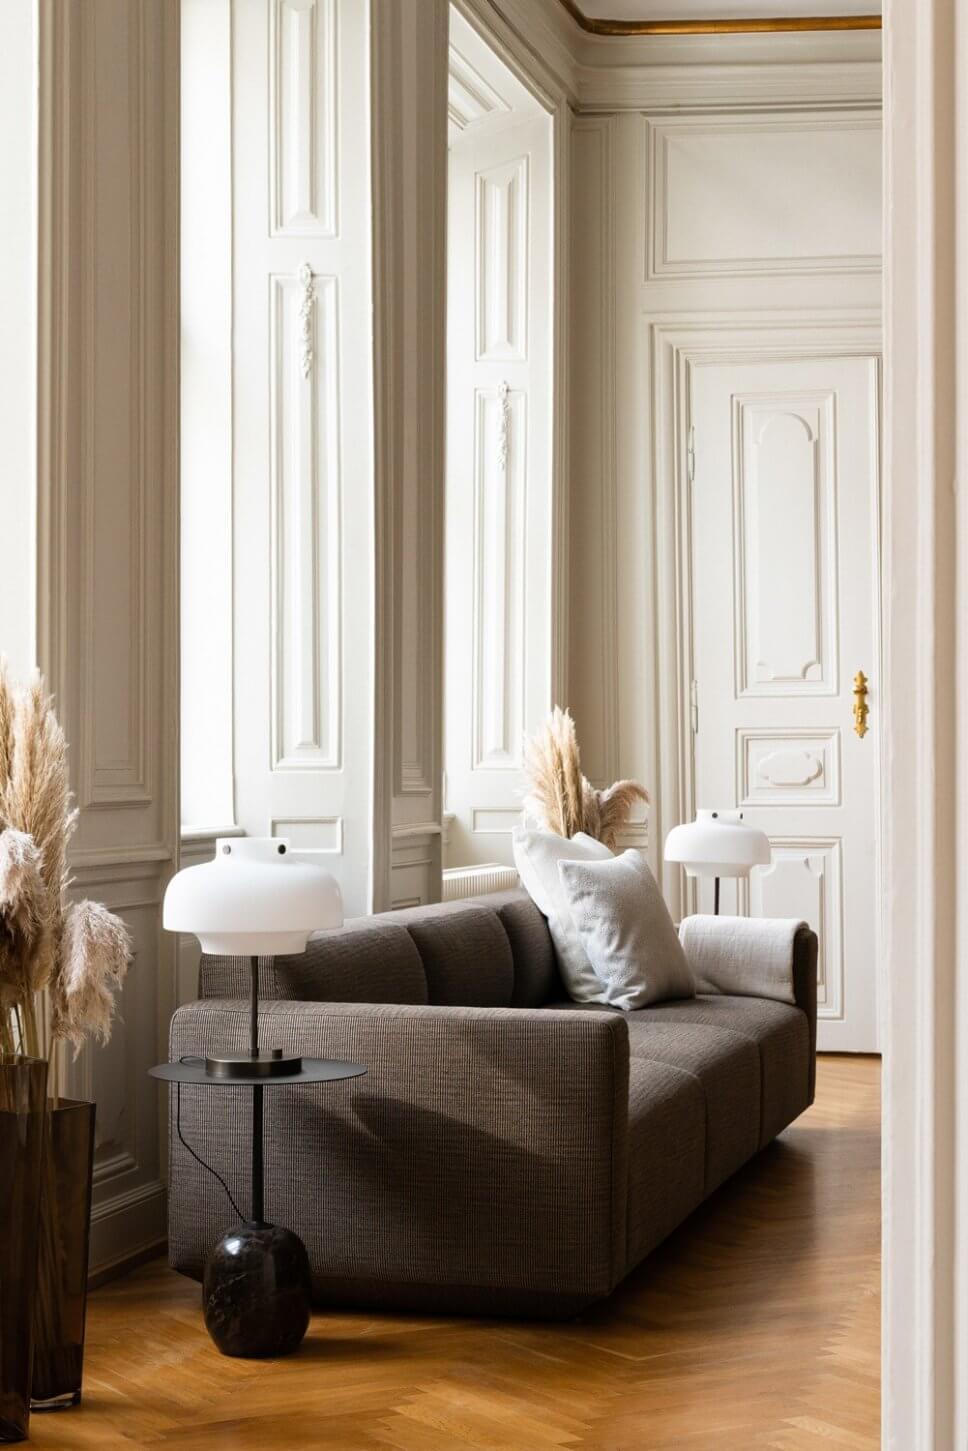 Mit skandinavischem Designermöbel modern eingerichtete Altbauwohnung